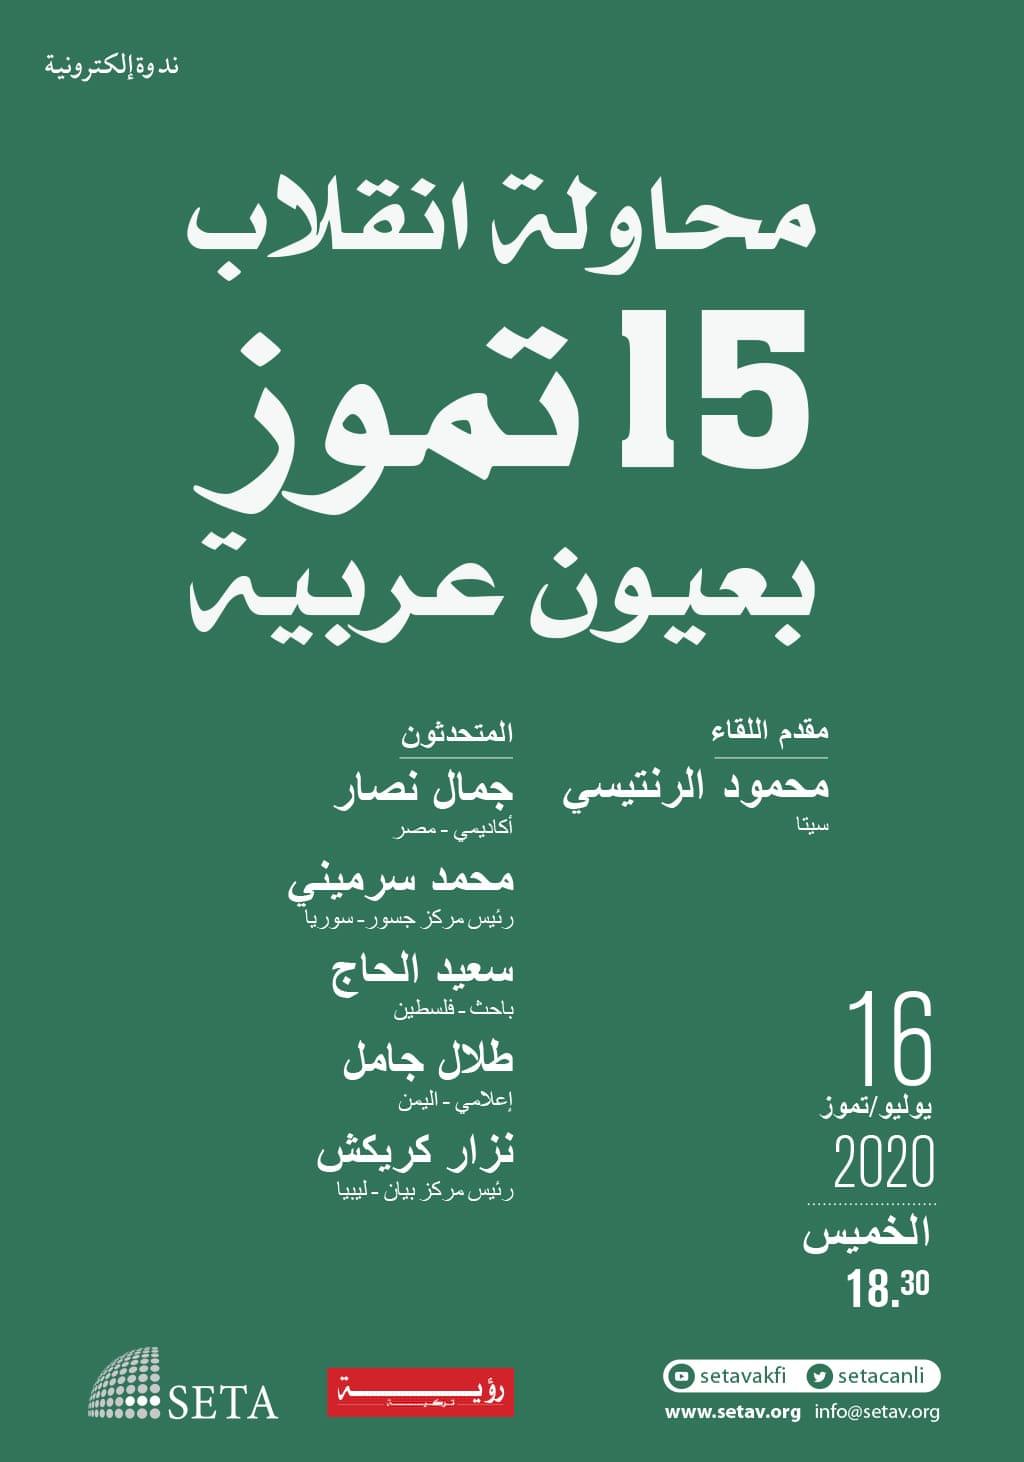 ندوة الكترونية: محاولة انقلاب 15 تموز بعيون عربية